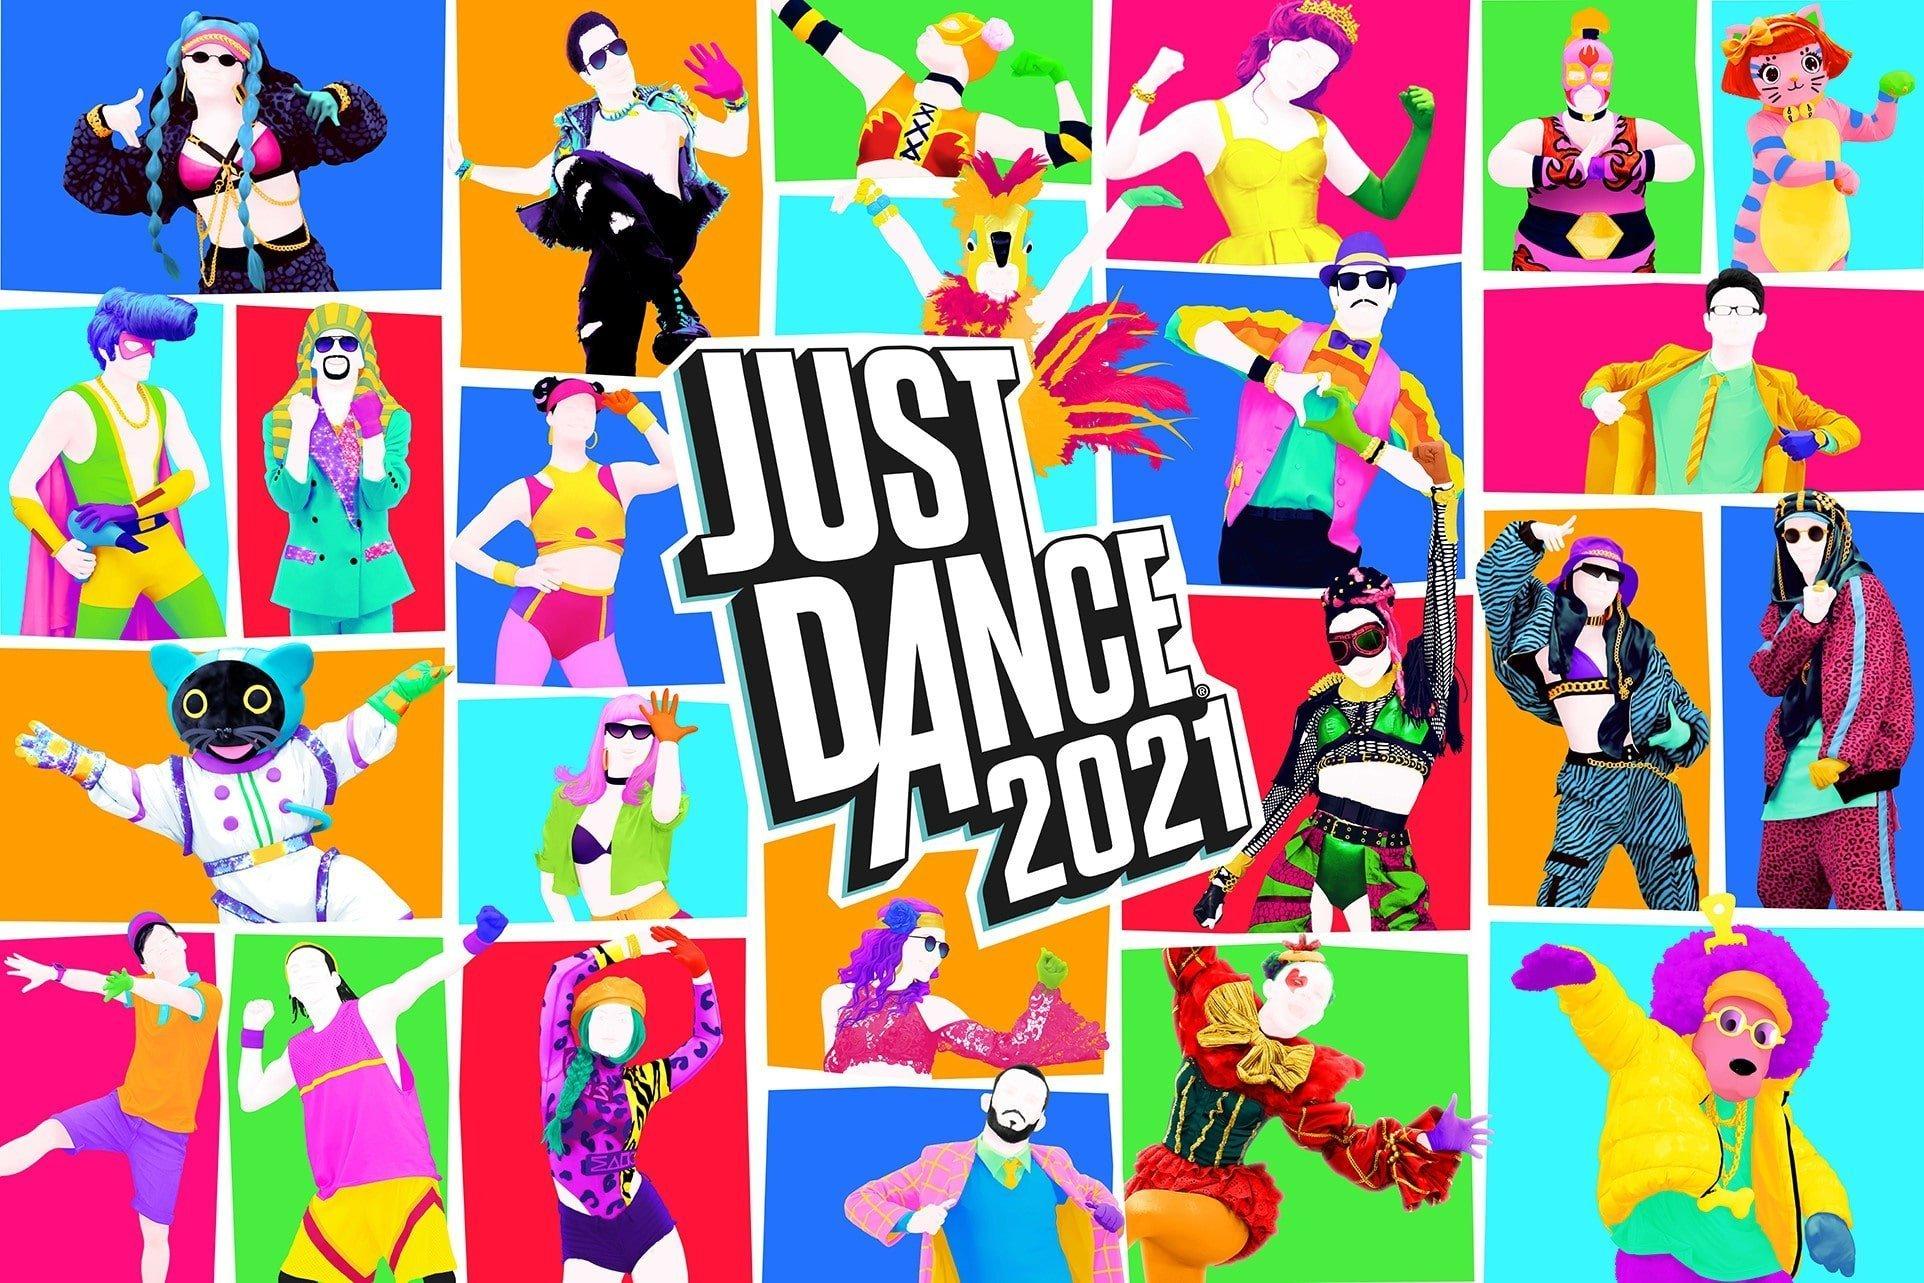 JUST DANCE 2021 SẼ RA MẮT TRÊN PLAYSTATION 5 VÀ XBOX VÀO NGÀY 24 THÁNG 11